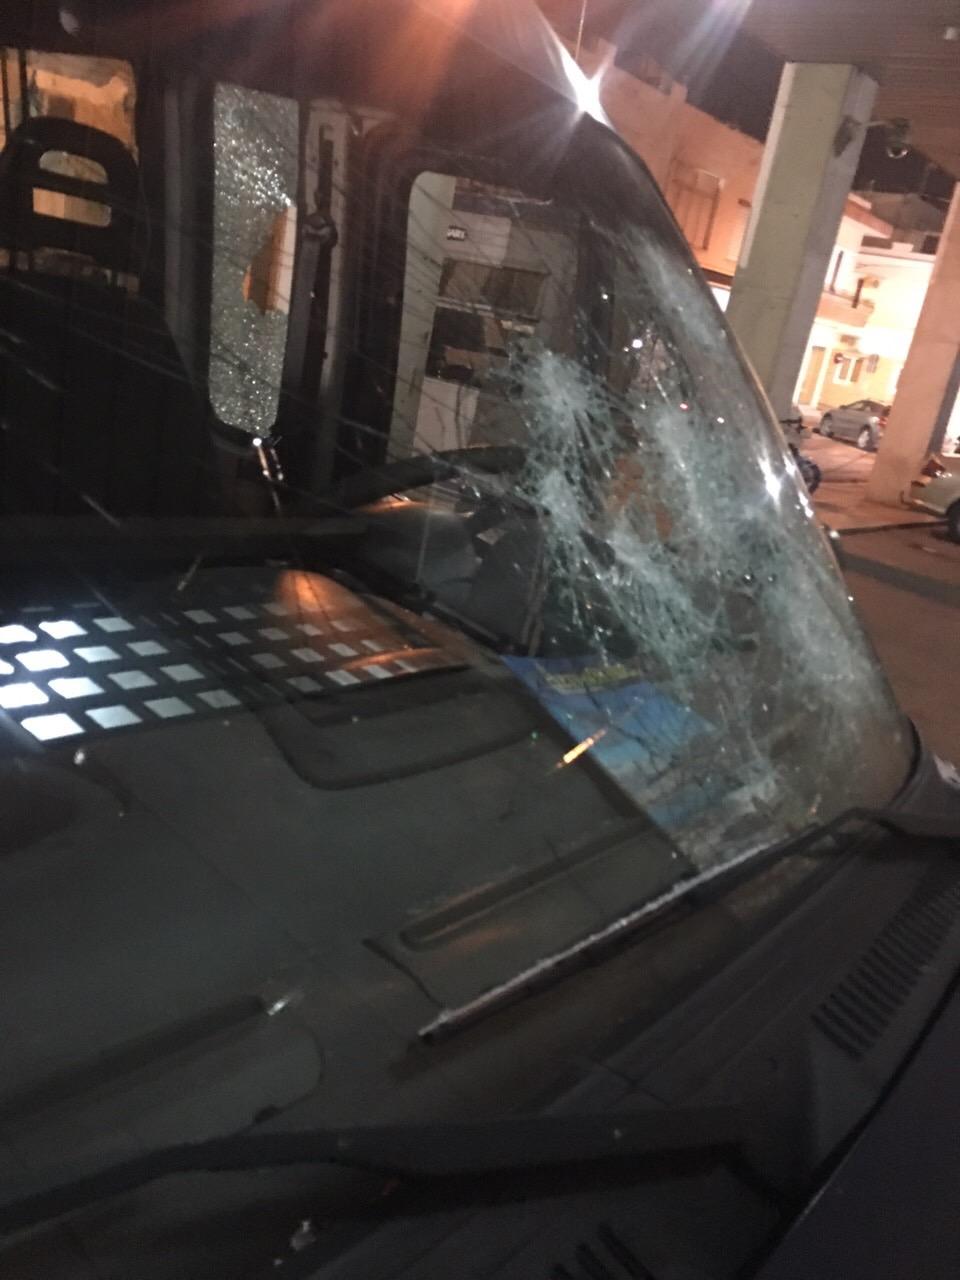 Έστειλαν τους αστυνομικούς στο στόμα του λύκου- Γνώριζαν ότι τους περίμεναν- Ο οδηγός πυροβόλησε για να γλιτώσει - Δεν επέτρεψαν και πάλι τις συλλήψεις - Φωτογραφία 2